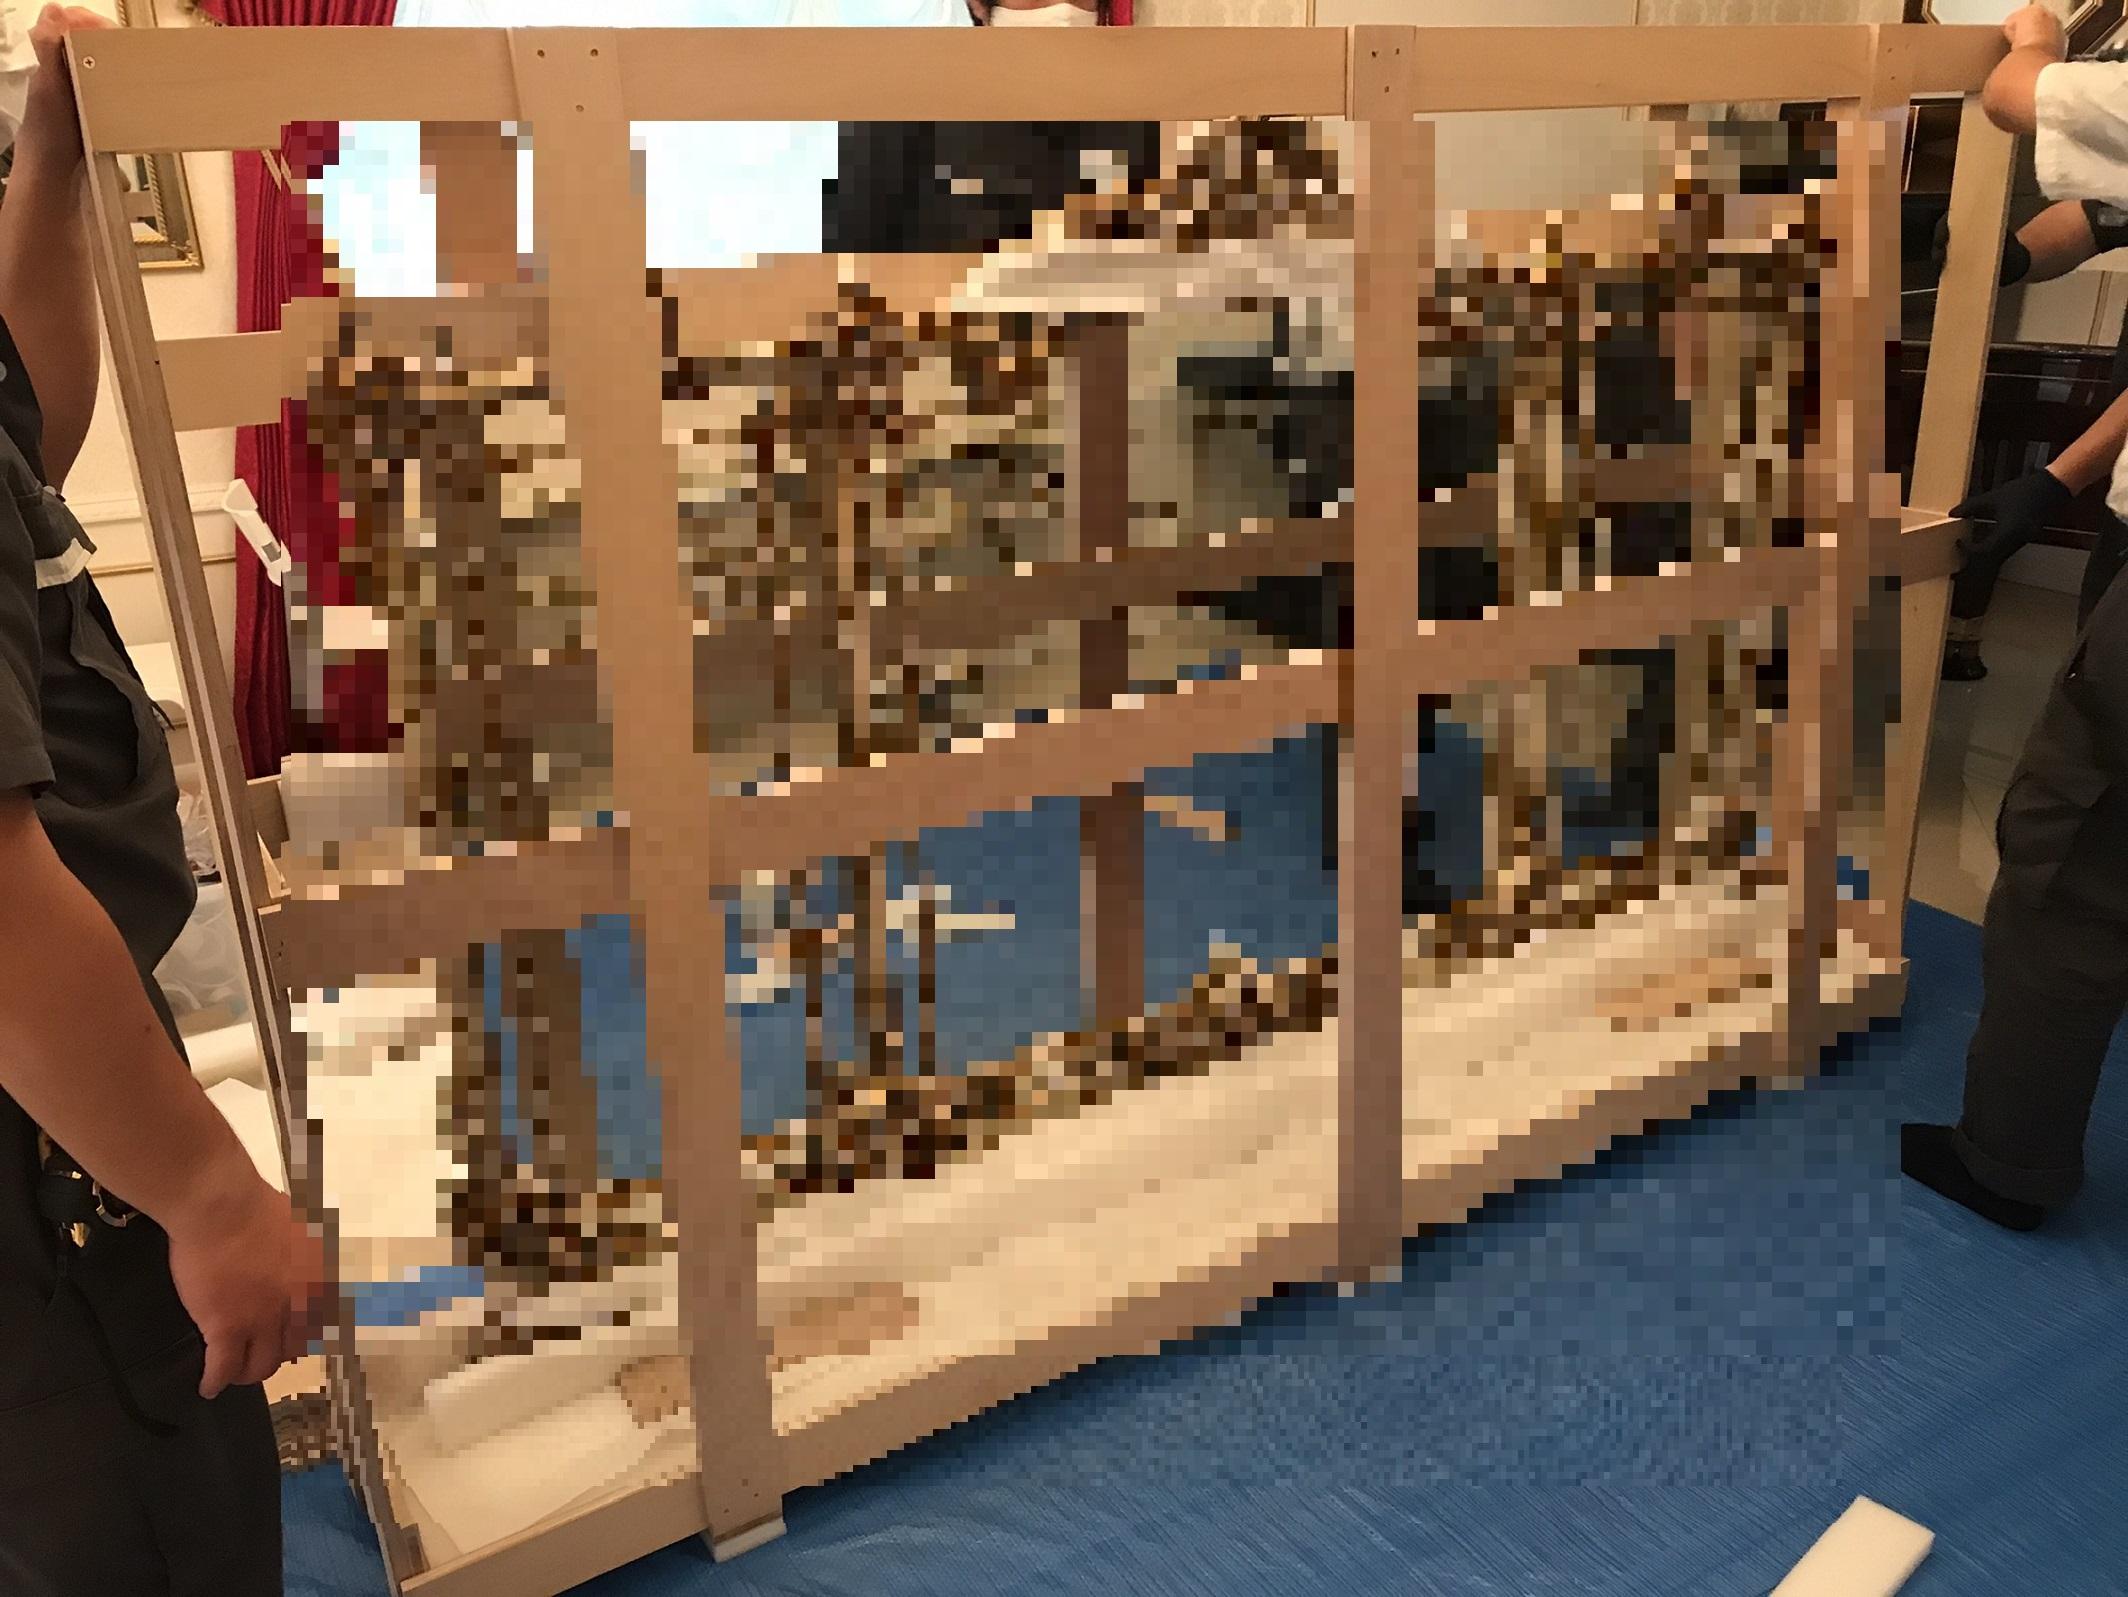 【高級家具 梱包・輸送作業 20210710】美術品・楽器・高級家具物流(梱包・輸送・保管)comブログ